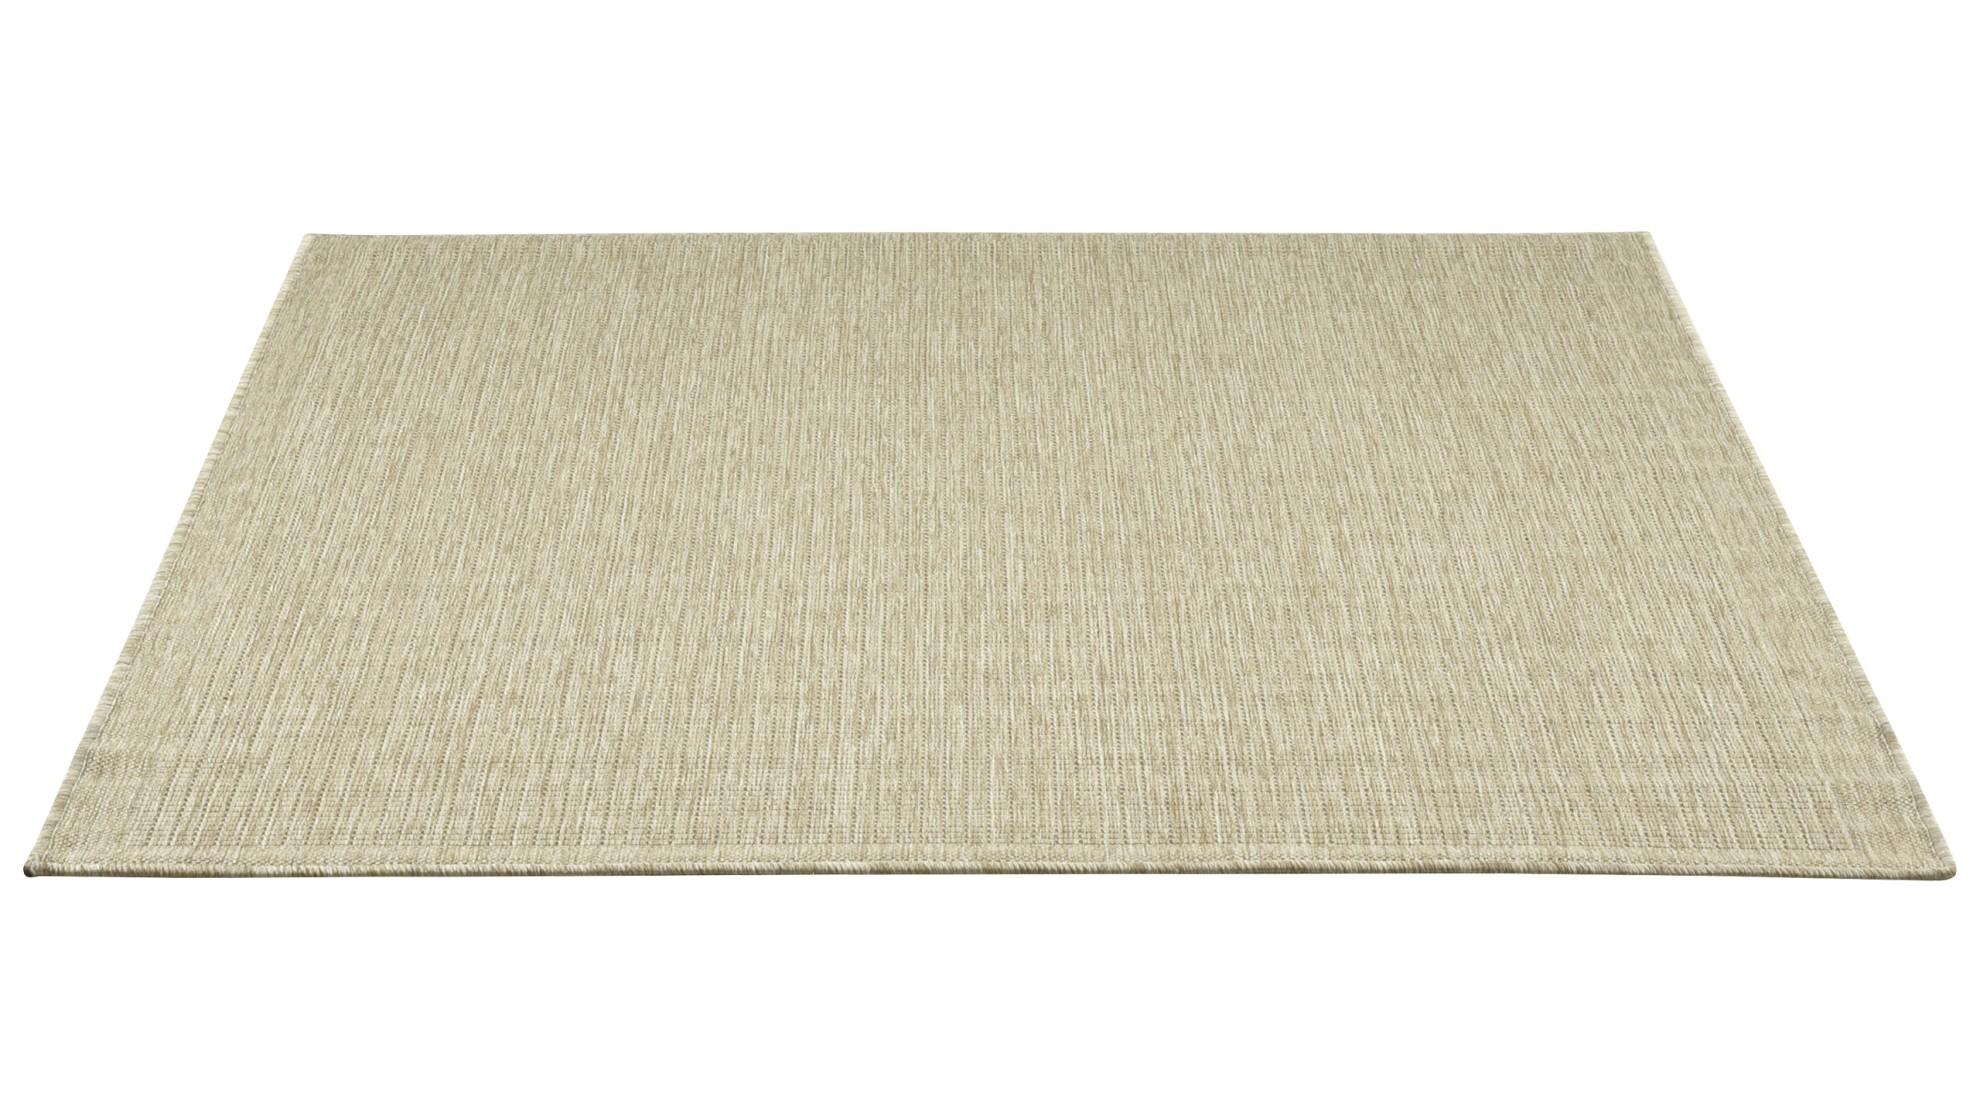 NATURE matto, 133 x 200 cm (beige)